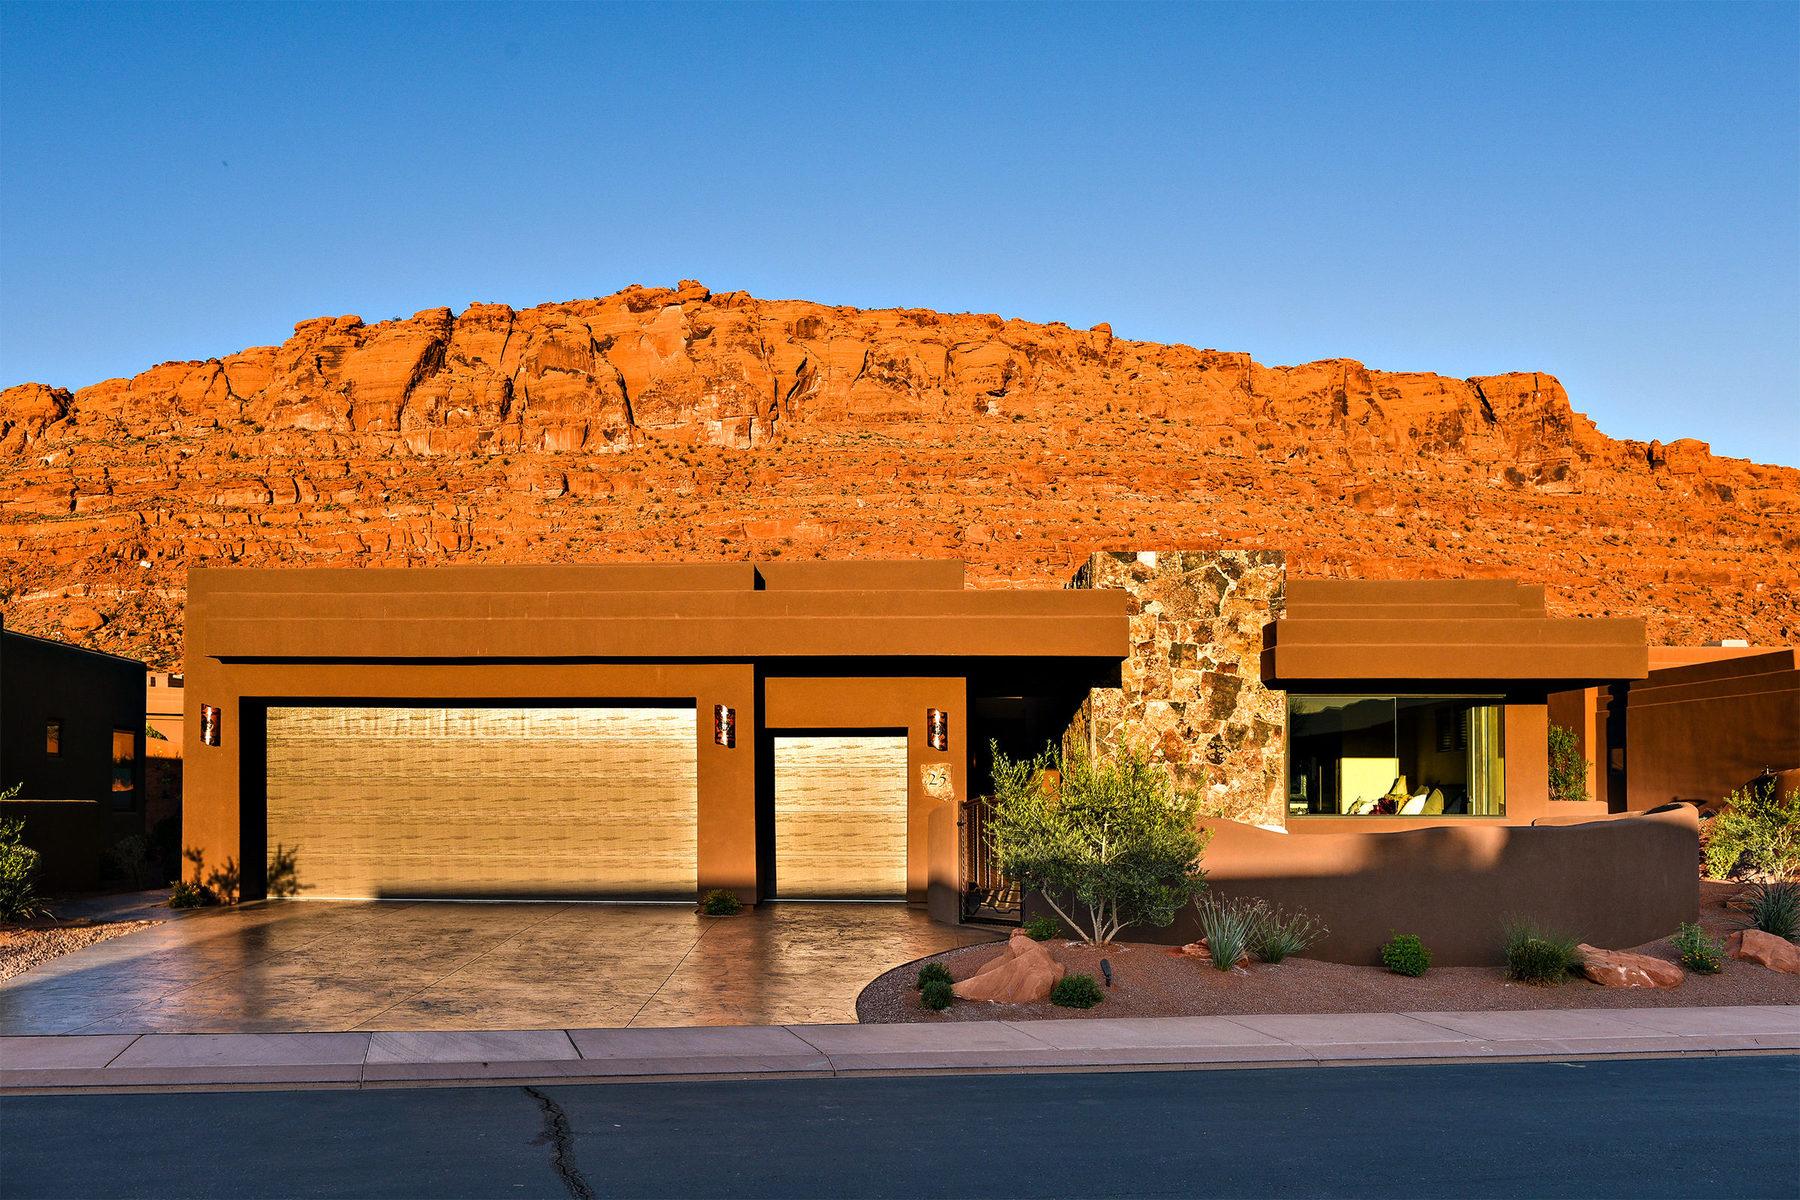 Частный односемейный дом для того Продажа на Serene Luxury 2336 W Entrada Trl #25 St. George, Юта, 84770 Соединенные Штаты